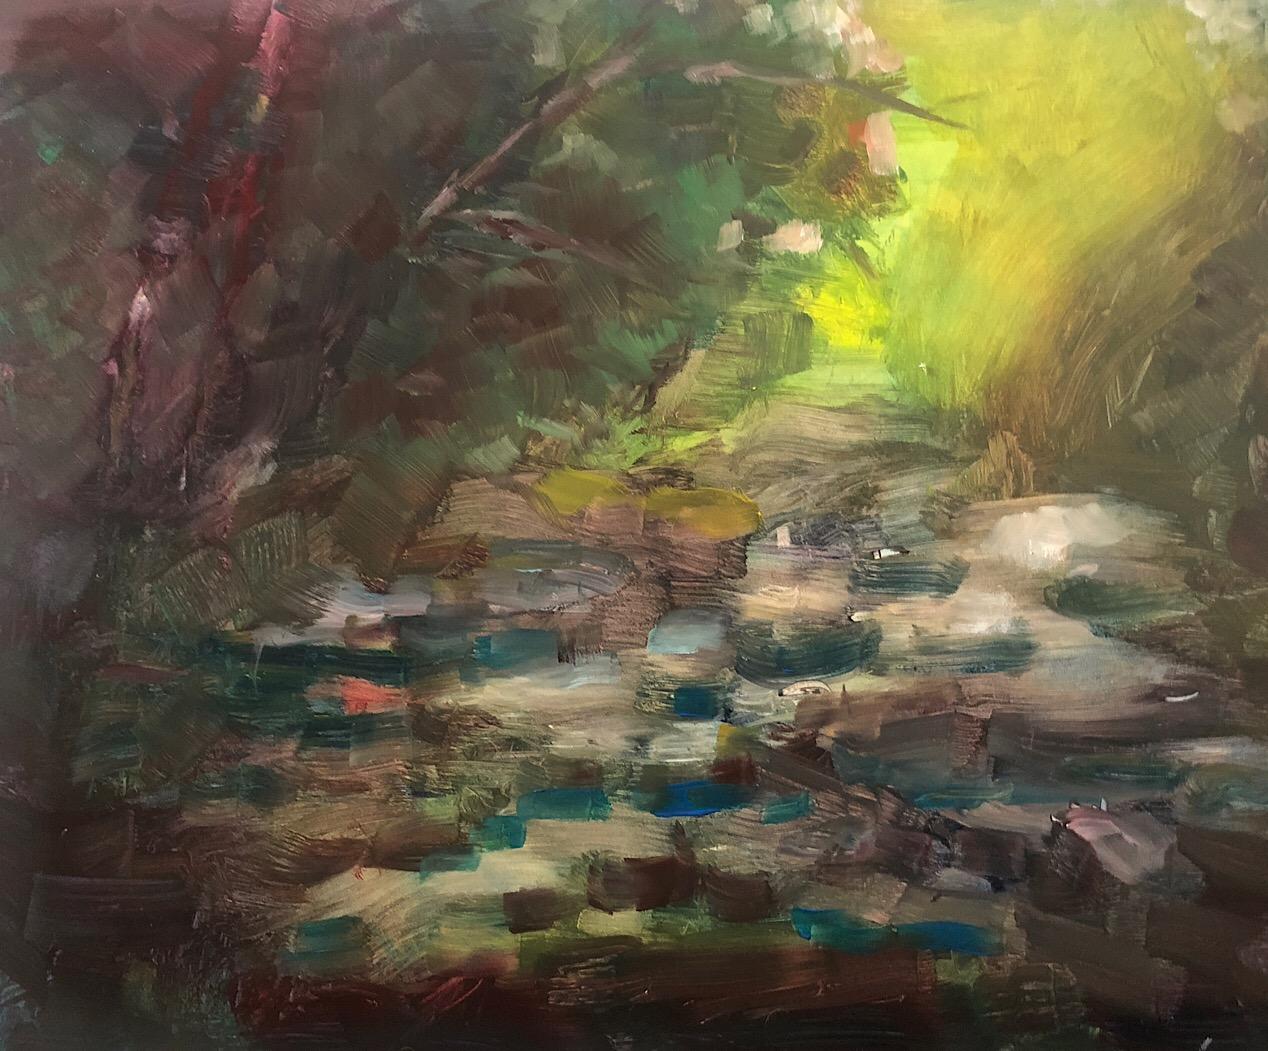 """Geoff Watson, """"Little Falls Creek,"""" in progress, oil on panel, 11"""" x 14,"""" 2018."""